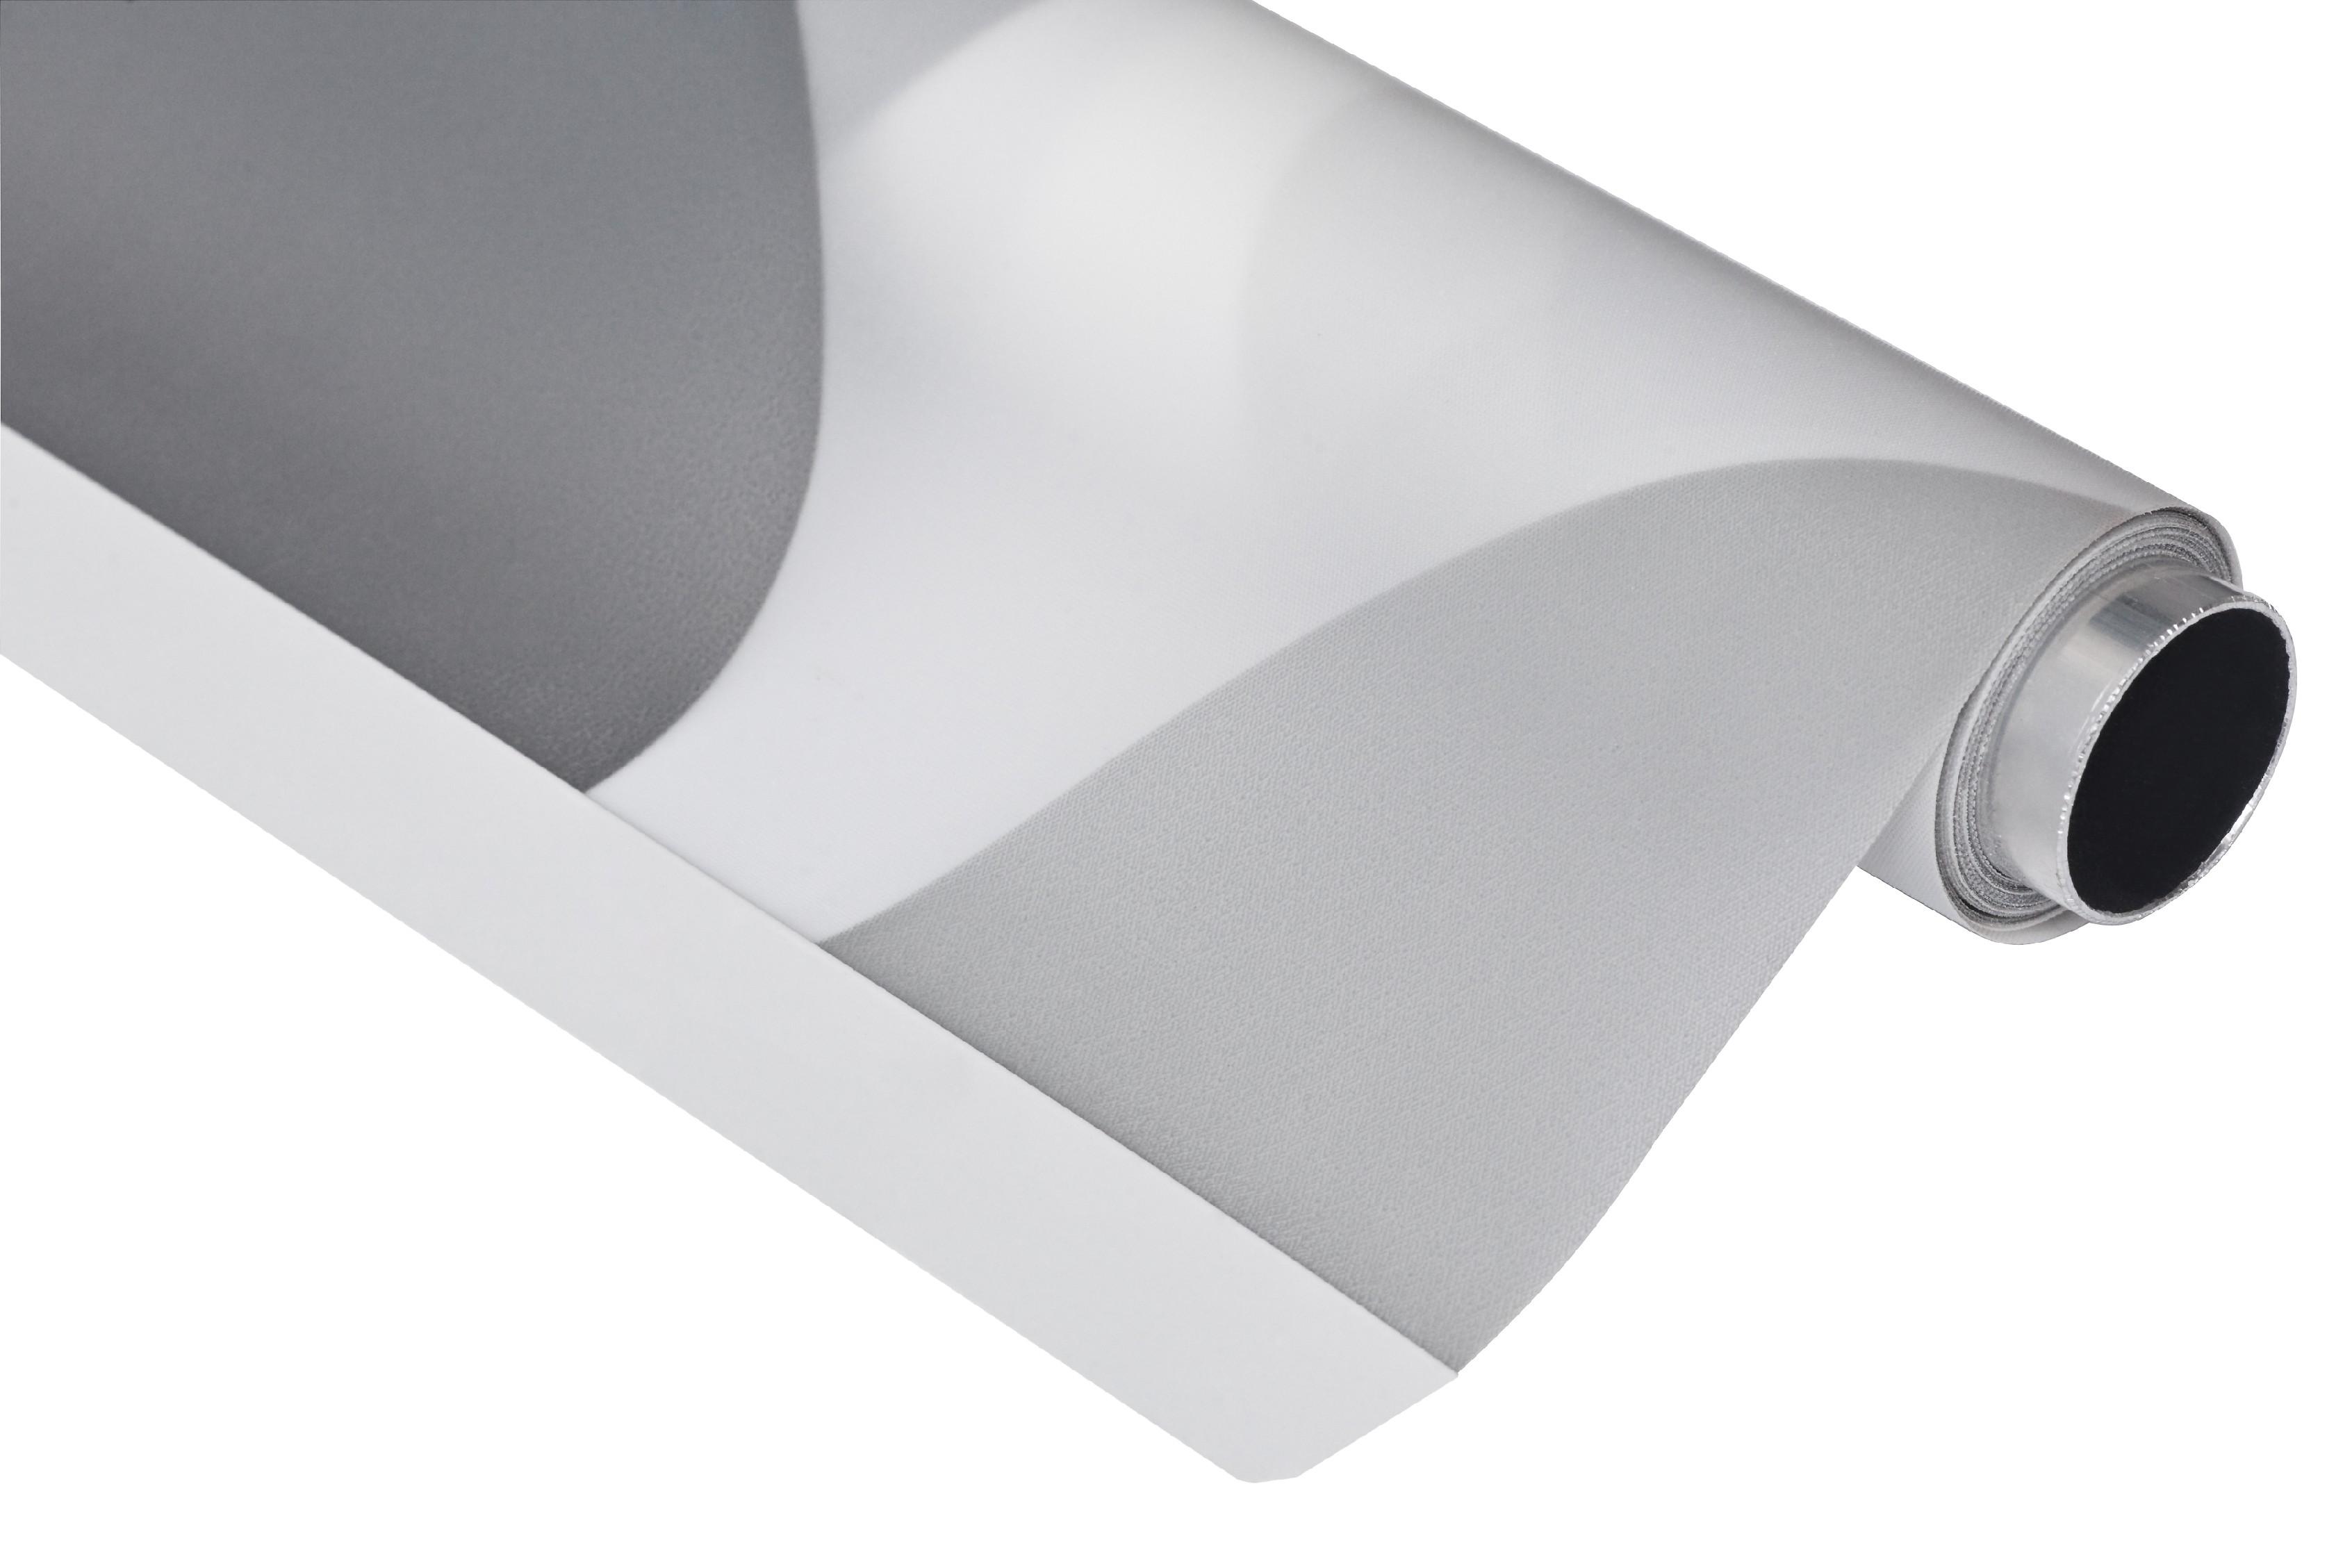 ROLETOVÁ VANOVÁ ZÁSTĚNA SPRCHOVÁ SYLT BASIC šířka rolety: 80 cm